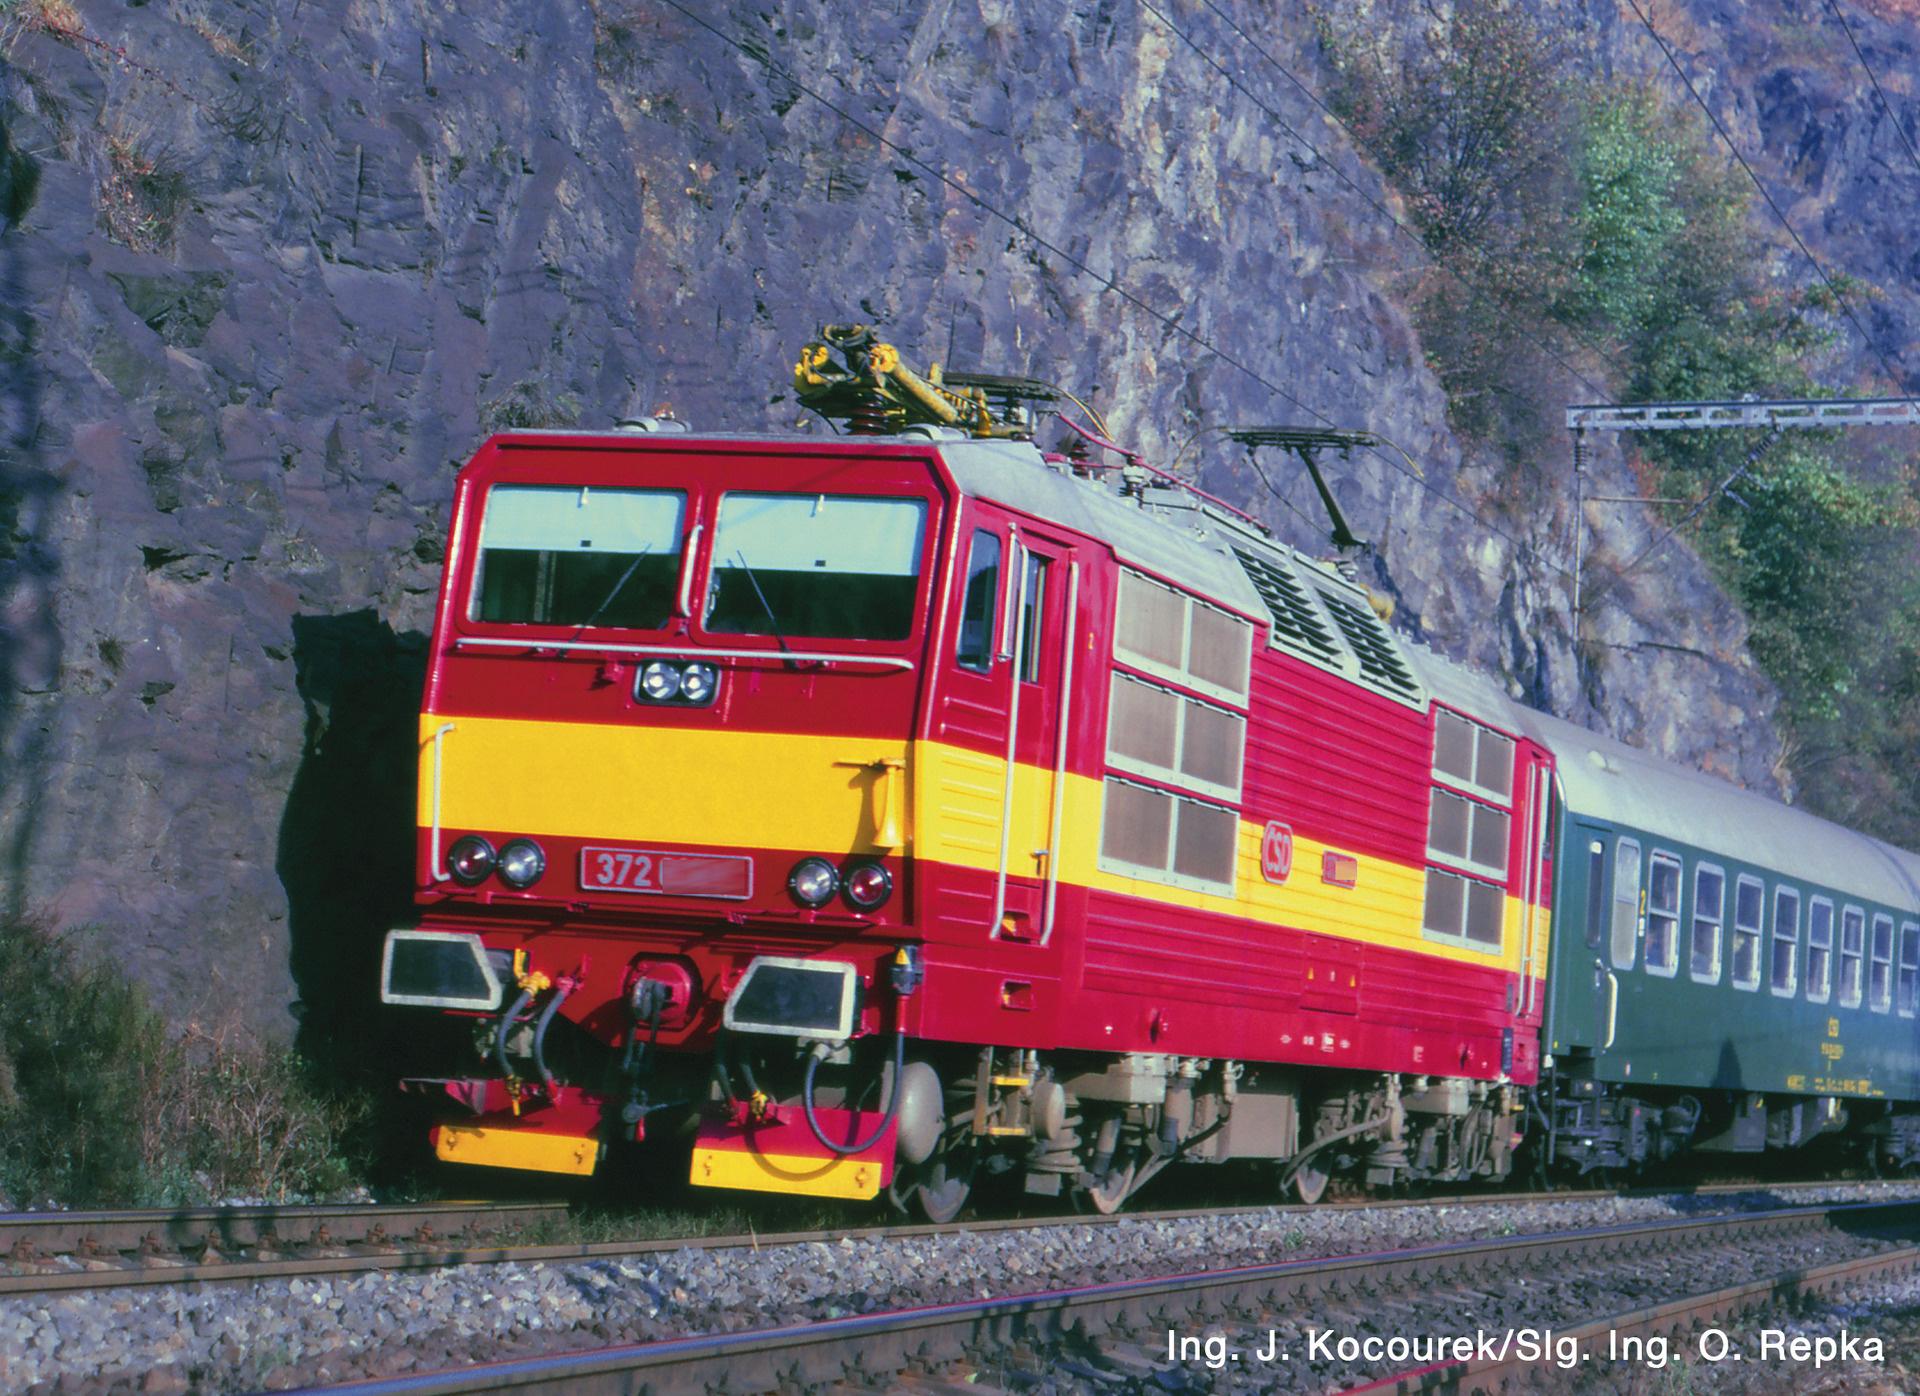 71222 E-Lok Rh 372 CSD Snd.-1